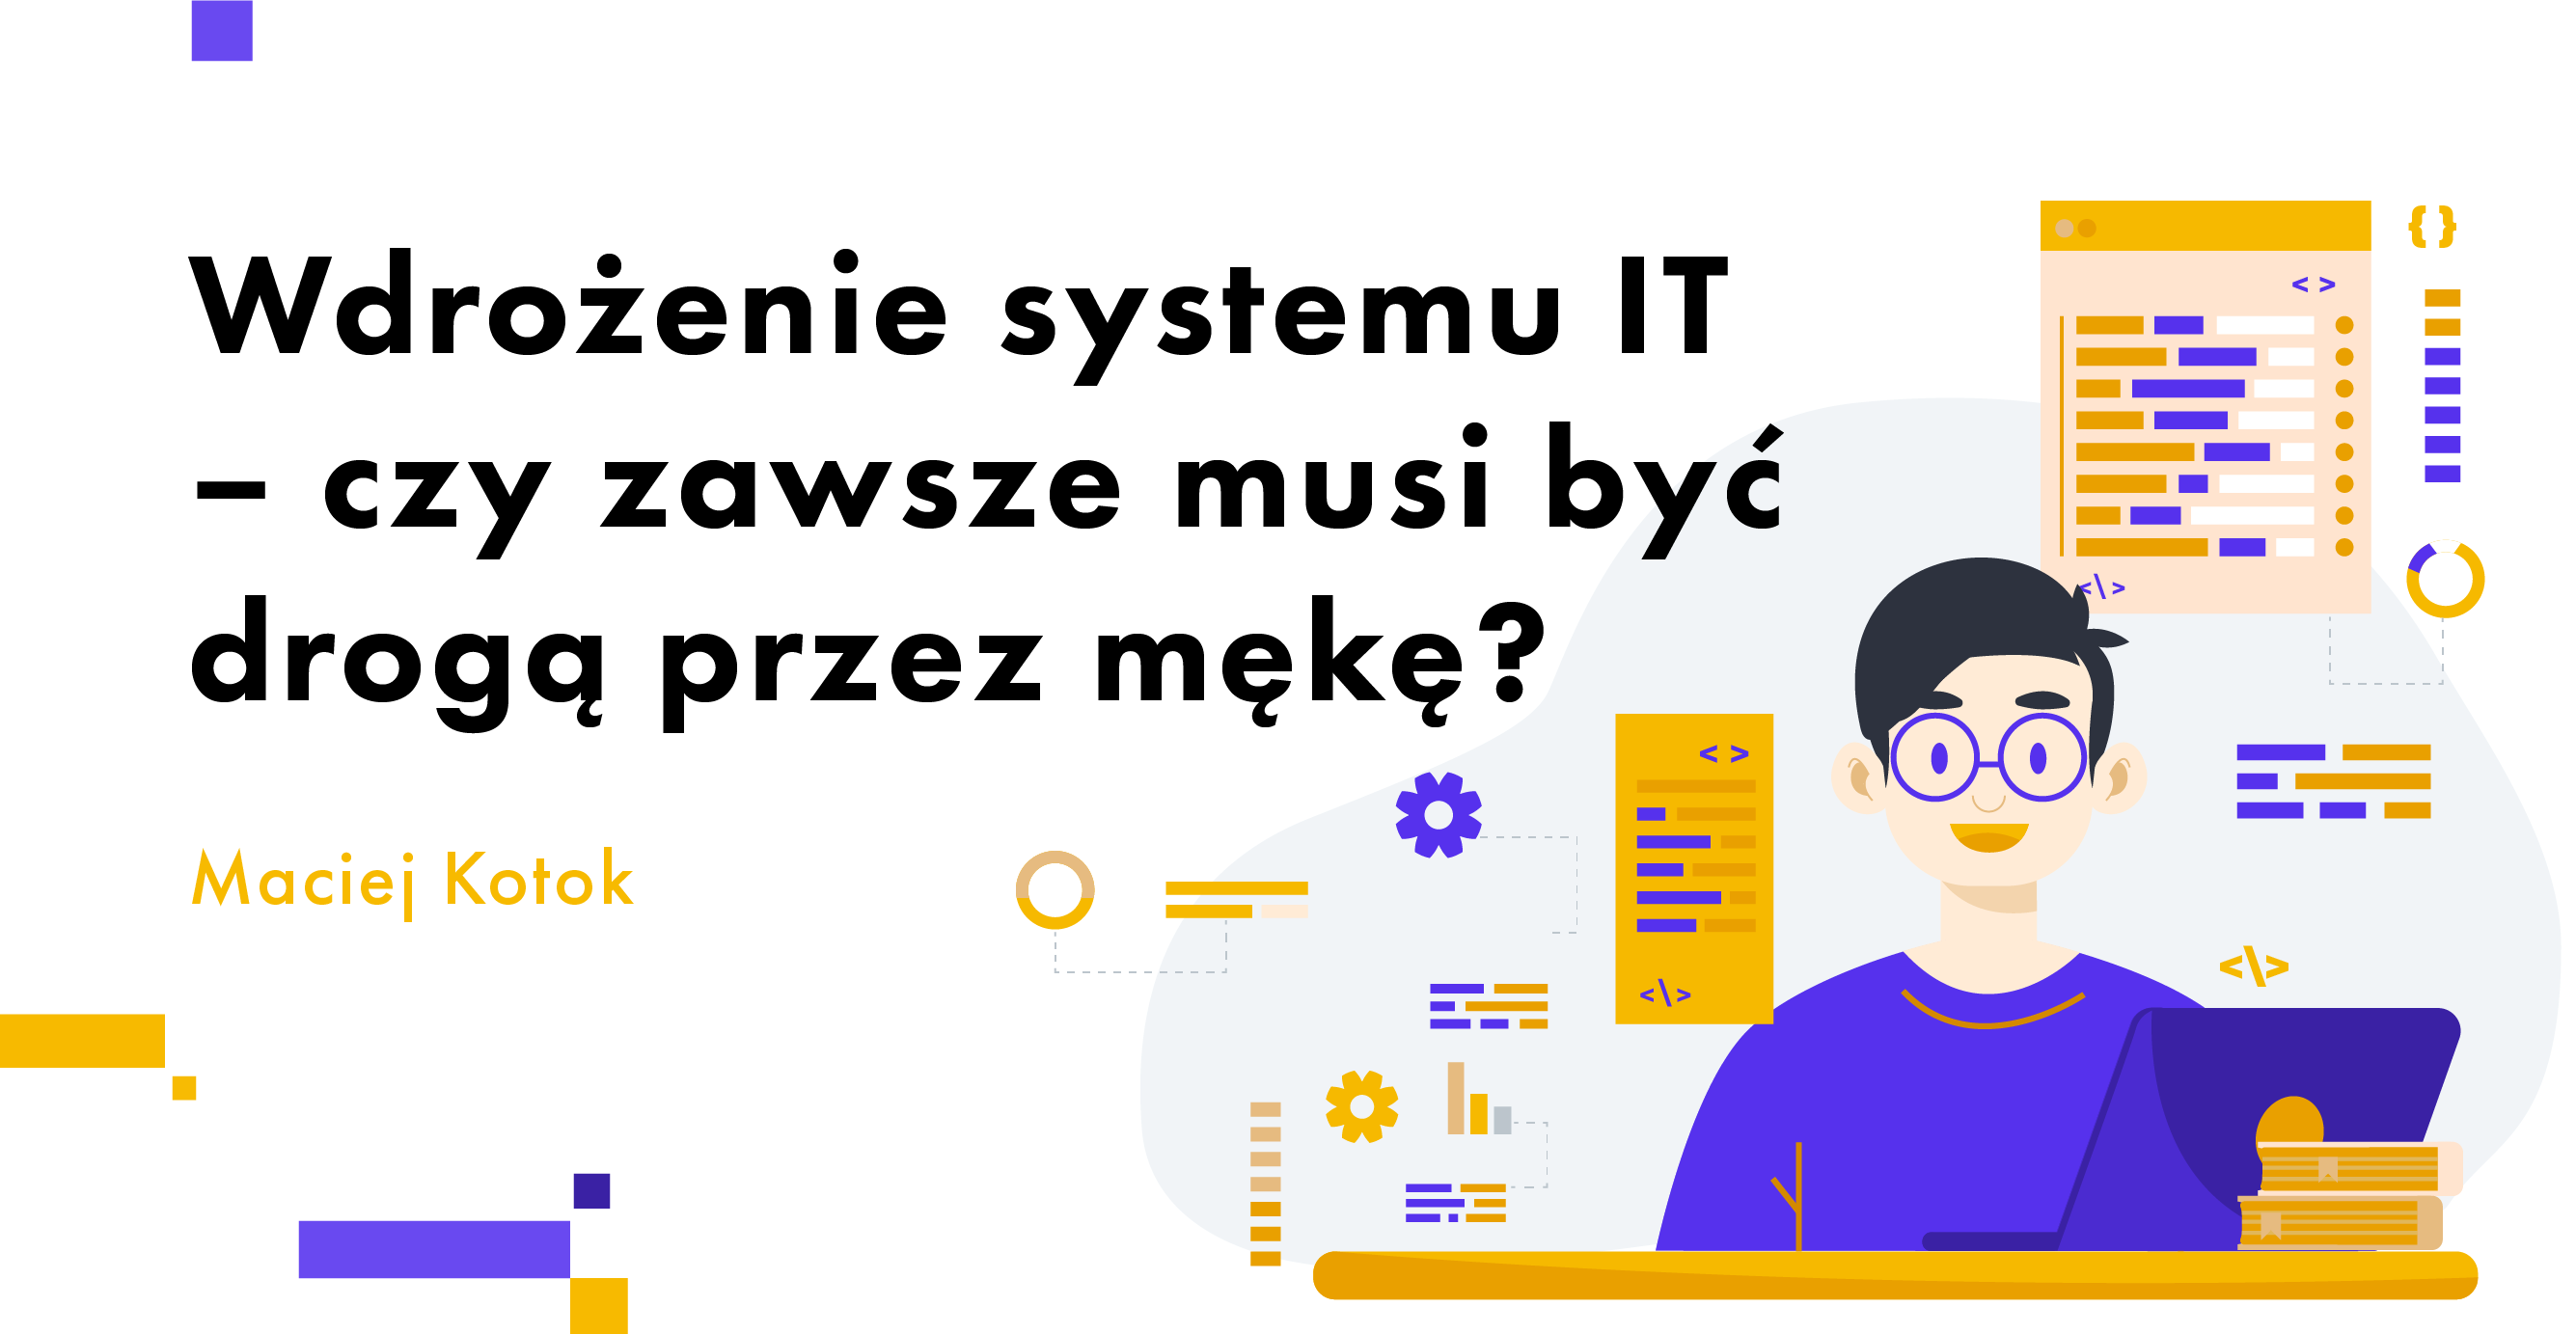 wdrożenie systemu IT